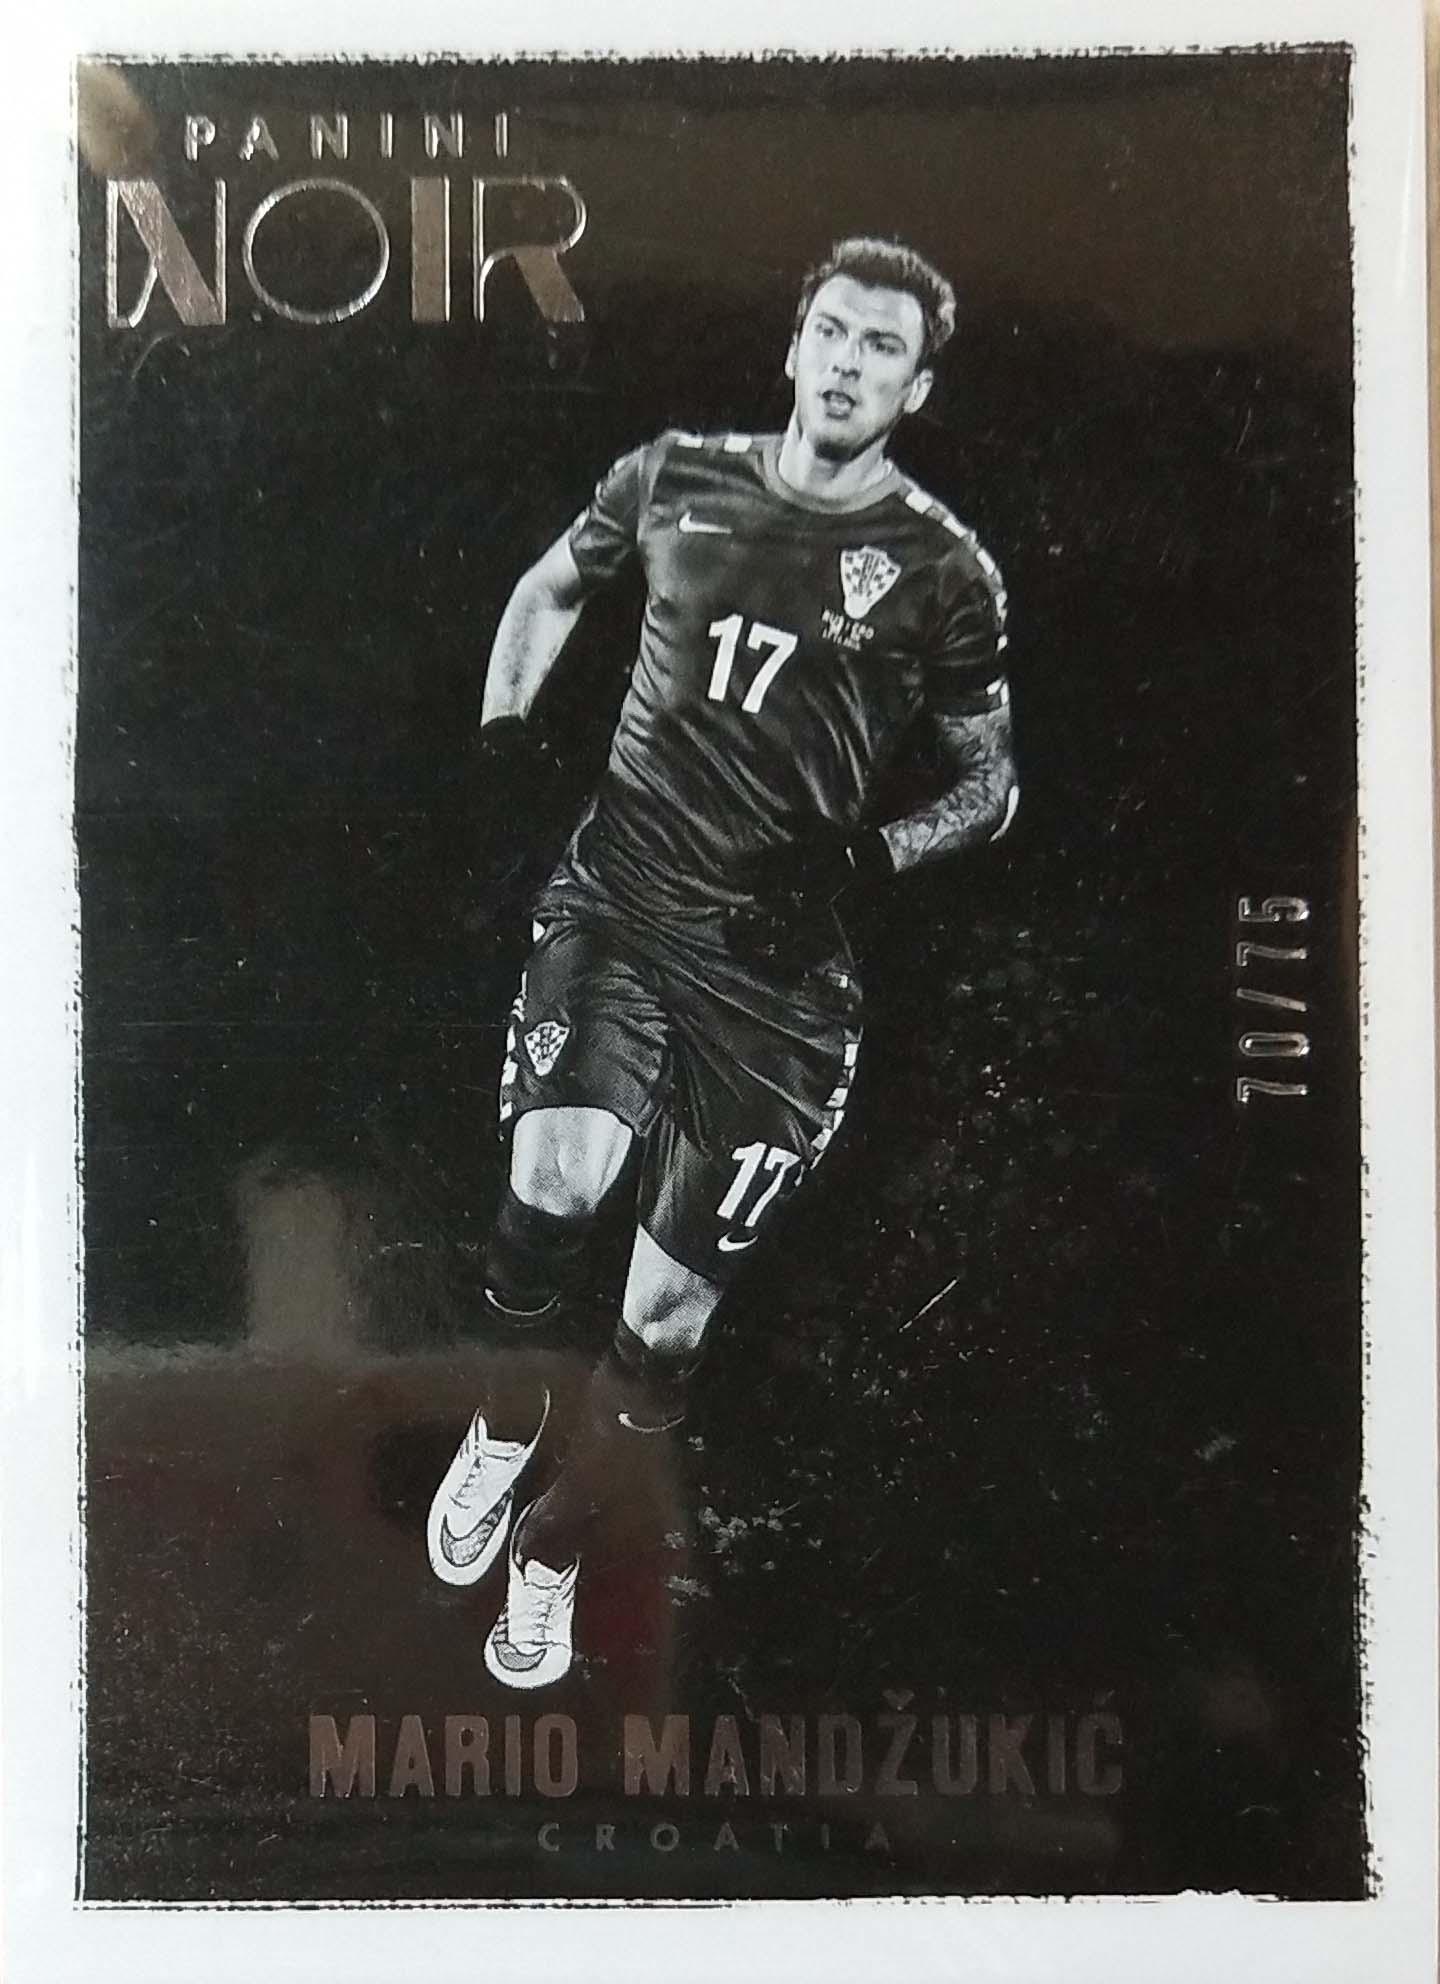 【普拉蒂尼】2016Panini帕尼尼诺尔球星卡Mario Mandzukic曼祖基奇克罗地亚70/75NO.22基础卡